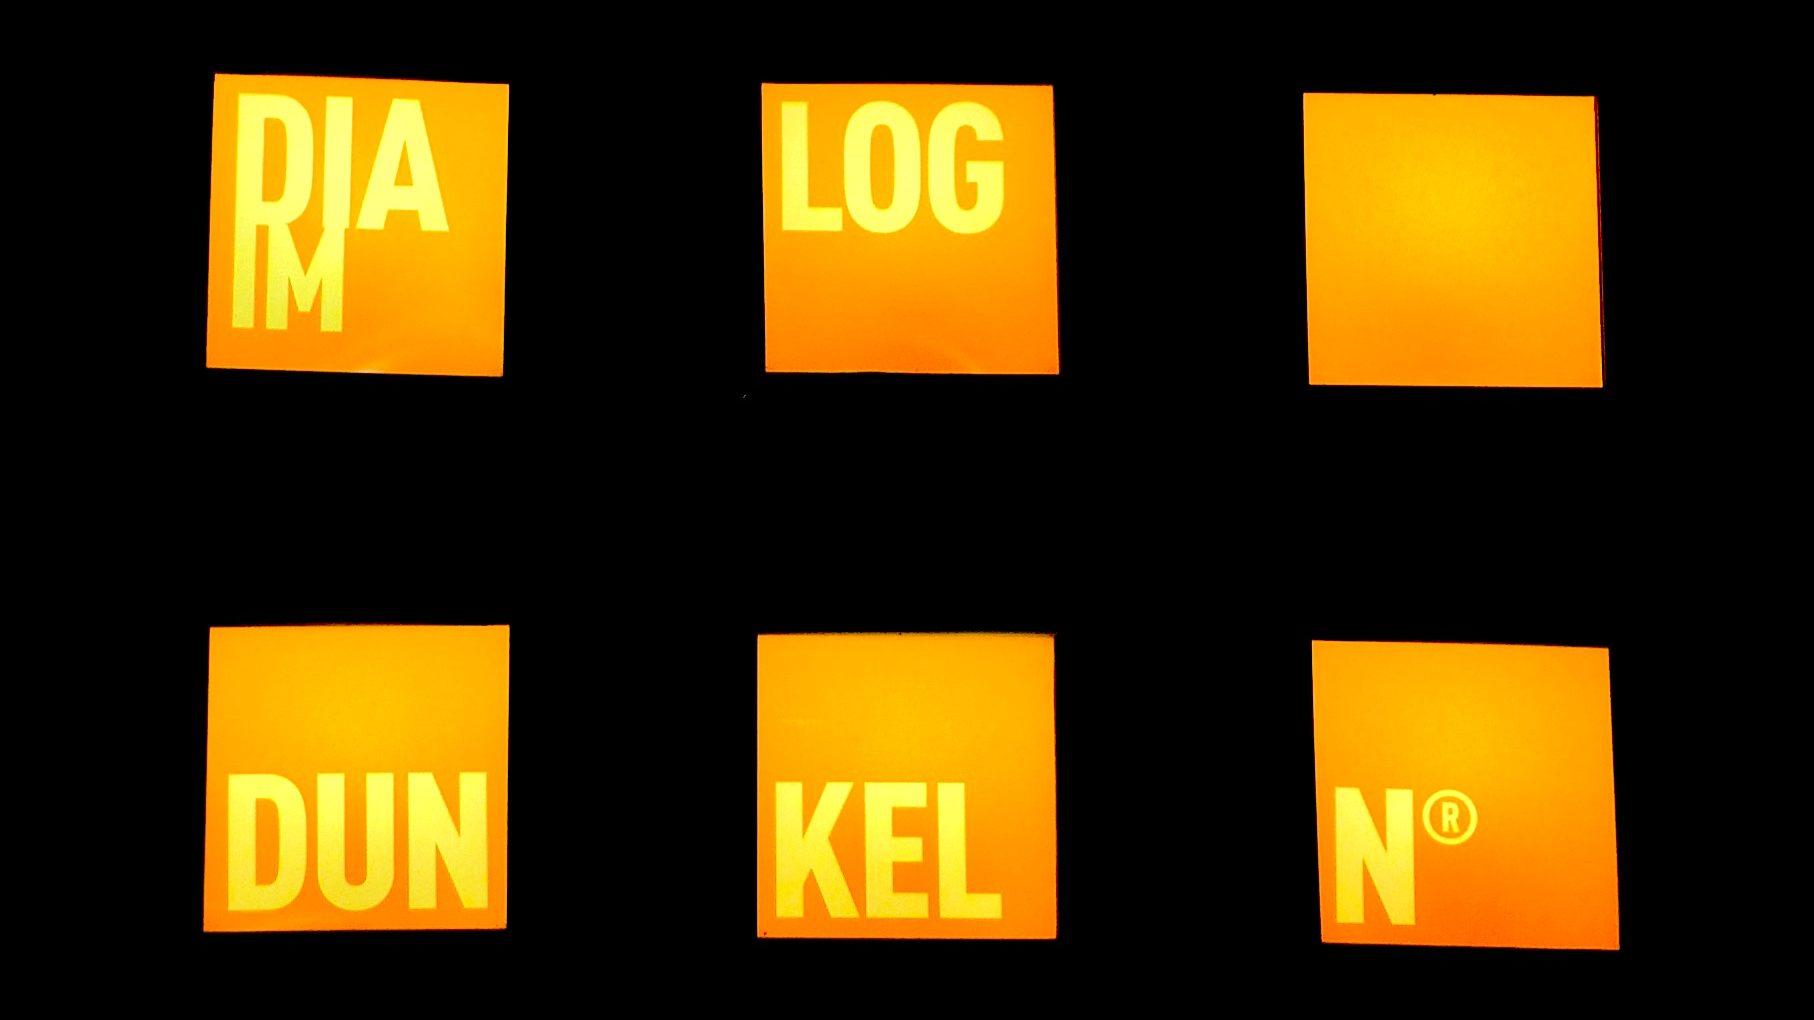 Im Dialoghaus Hamburg: Auf sechs orange beleuchteten Quadraten ist in etwas hellerer abgesetzter Schrift und nach Buchstabengruppen aufgeteilt DIA-LOG-IM-DUN-KEL-N zu lesen, Foto: Florian Eib.